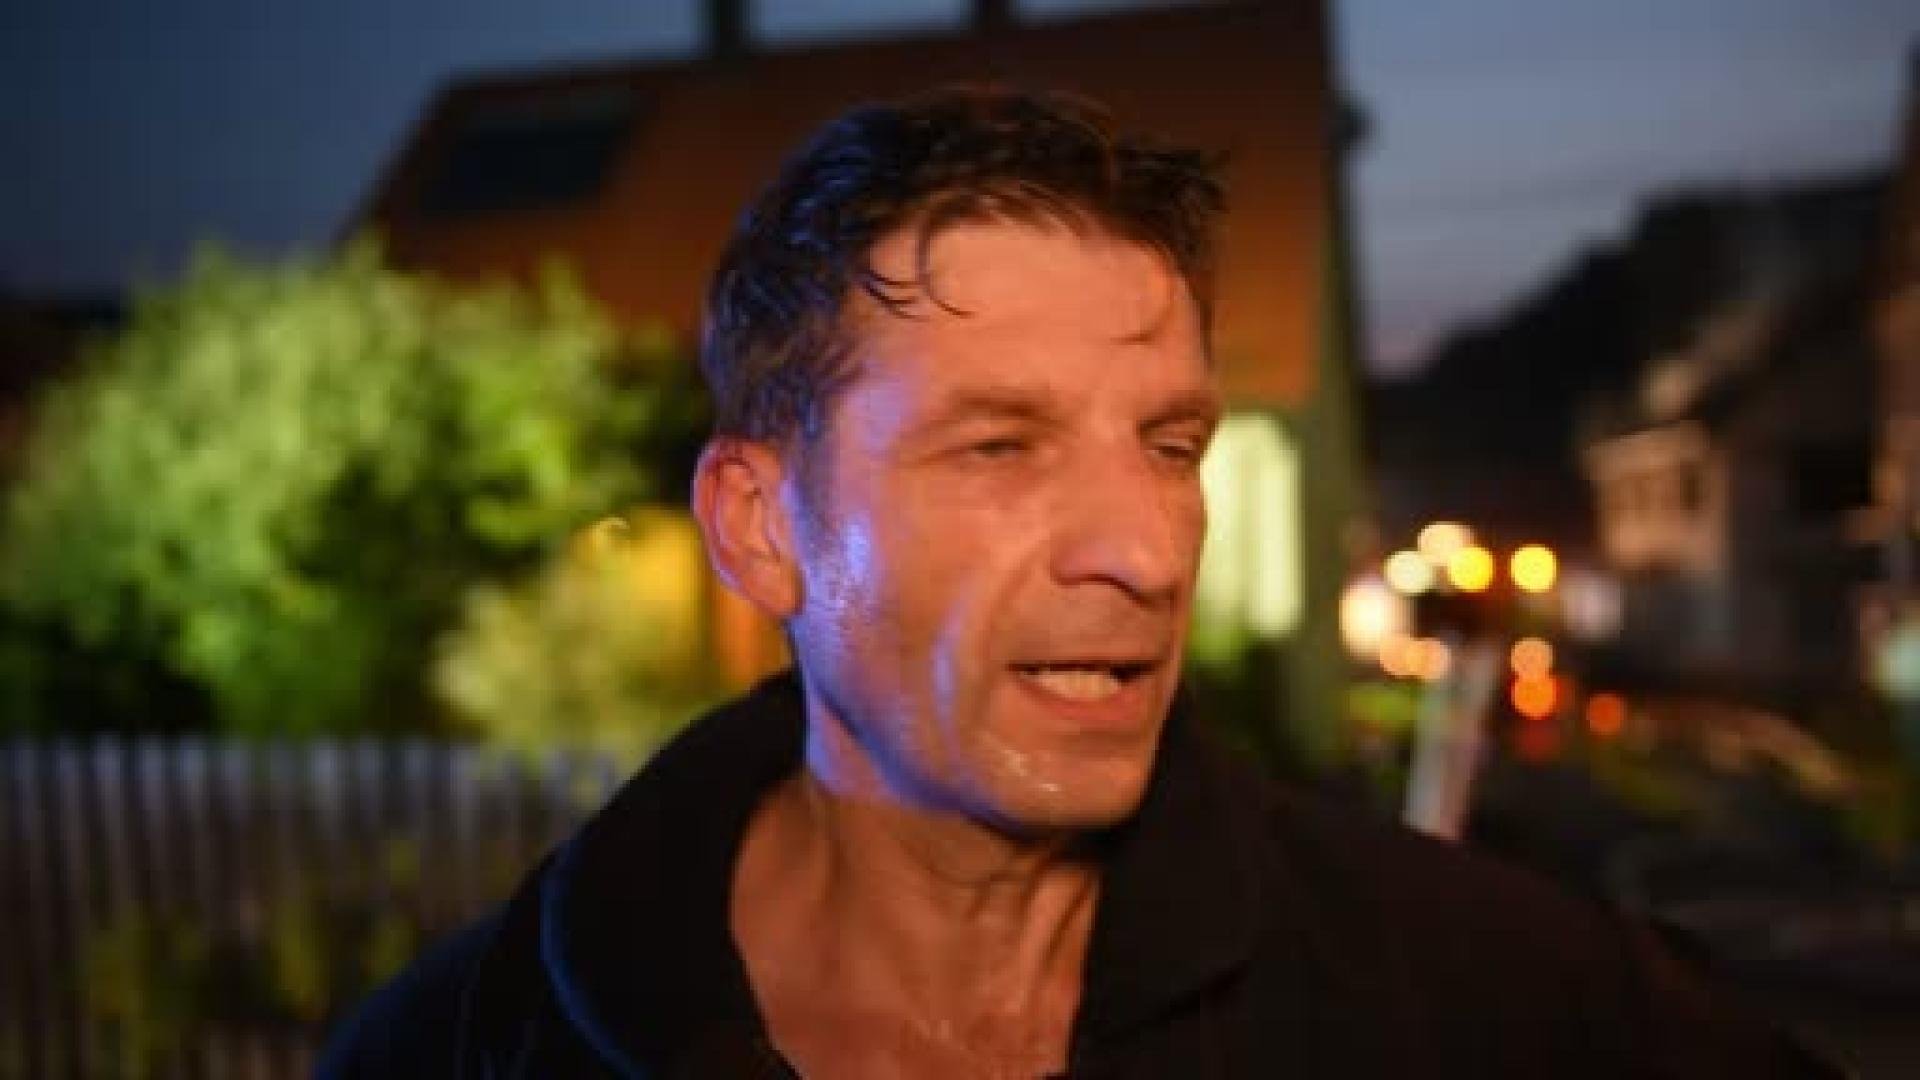 Frau Sucht Stark Gebauten Mann Um Die65 Bis 70 - Gute Sex Dating Seiten!